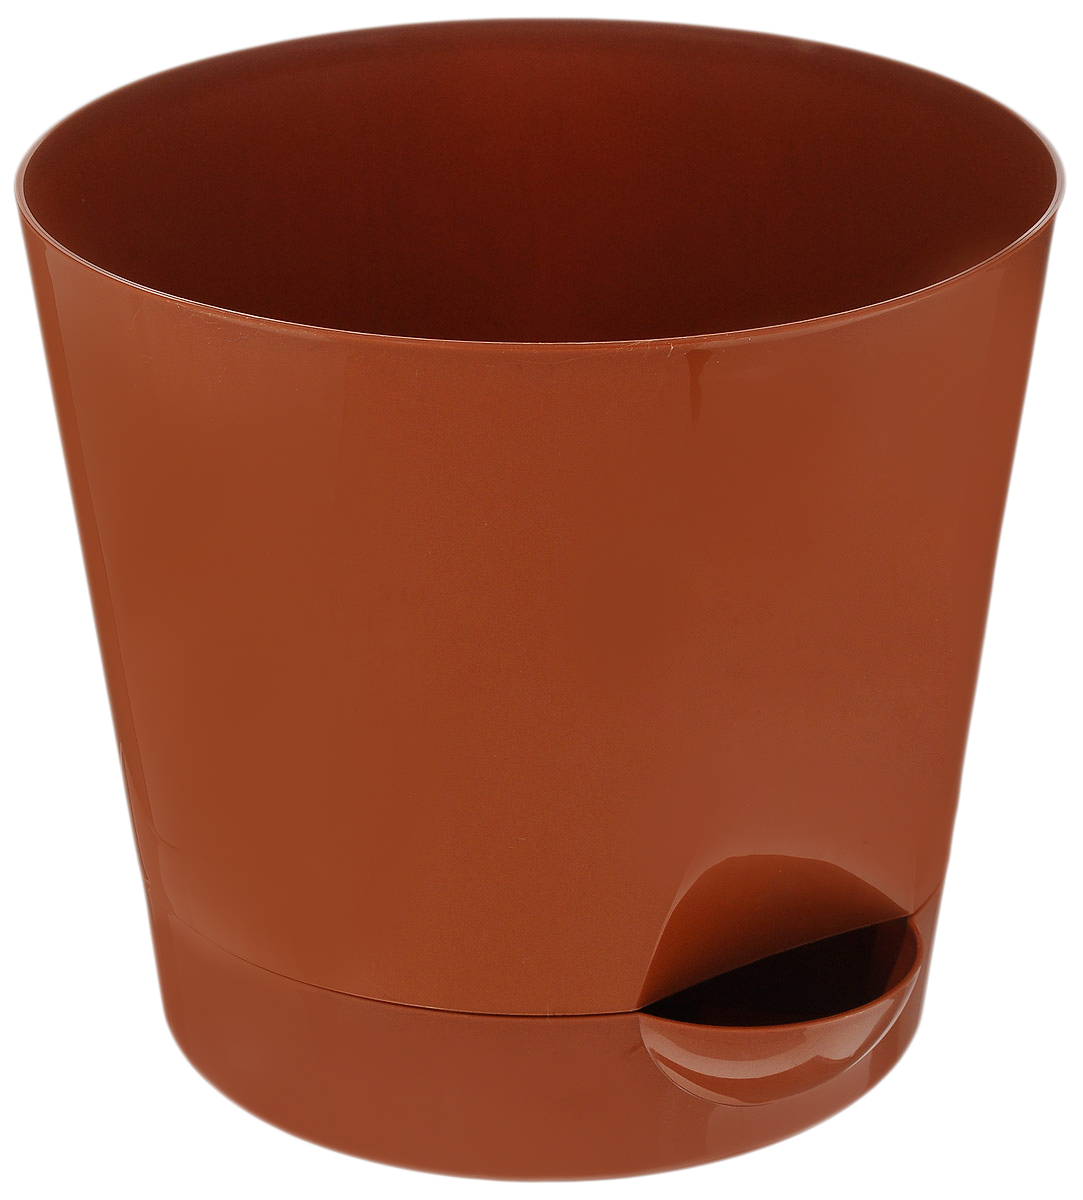 Кашпо Idea Ника, с прикорневым поливом, с поддоном, цвет: коричневый, 2,7 лP-0301Кашпо Idea Ника изготовлено из высококачественного полипропилена (пластика). В комплект входит поддон со специальной выемкой, благодаря которому имеется возможность прикорневого полива. Изделие подходит для выращивания растений и цветов в домашних условиях. Стильная яркая картинка сделает такое кашпо прекрасным дополнением интерьера. Объем горшка: 2,7 л. Диаметр горшка (по верхнему краю): 18 см. Высота горшка: 16,5 см. Диаметр подставки: 15 см.